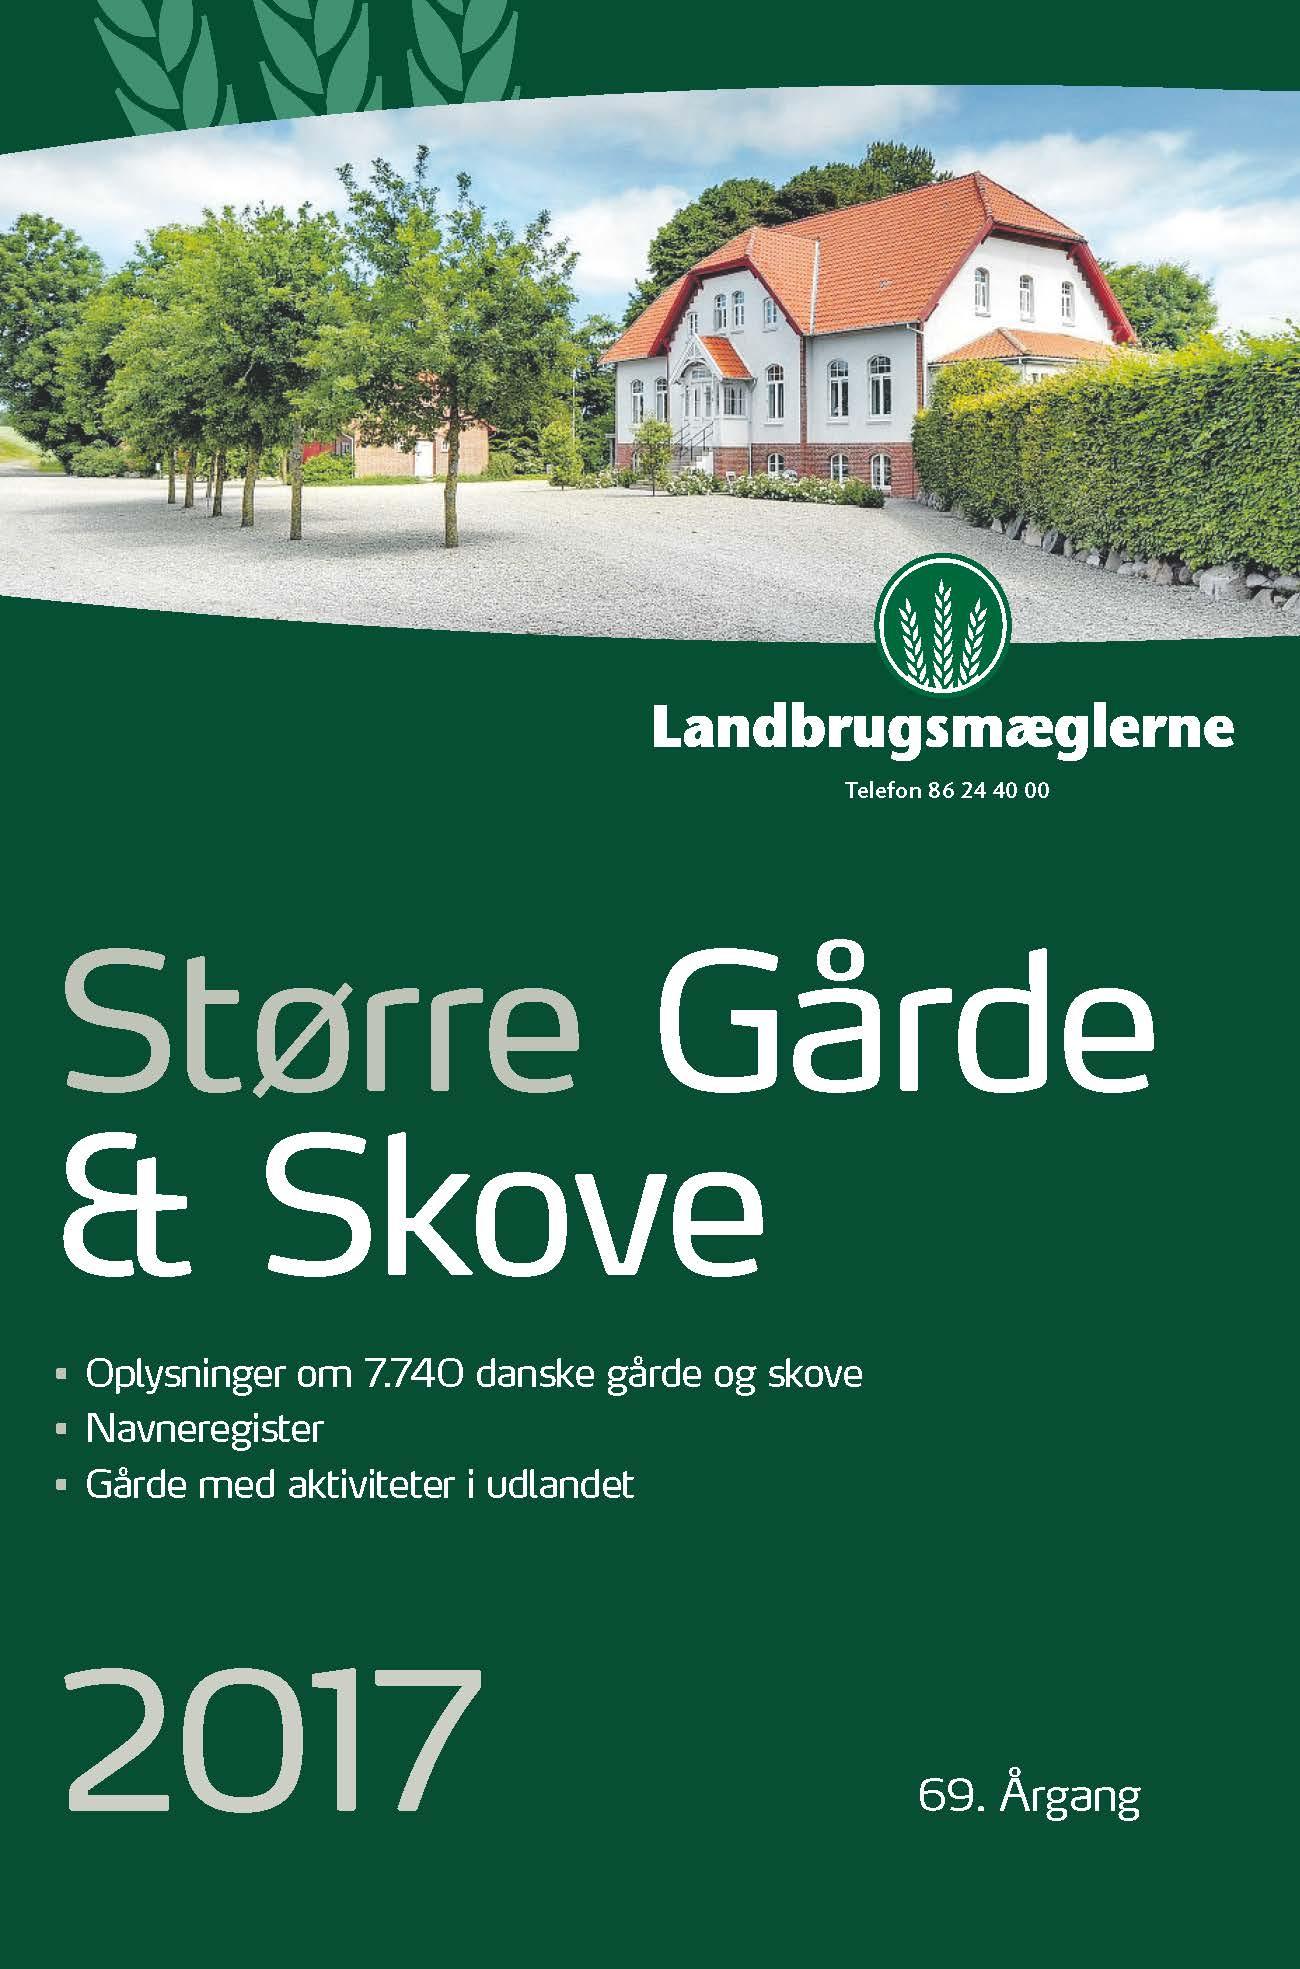 Større Gårde & Skove 2017